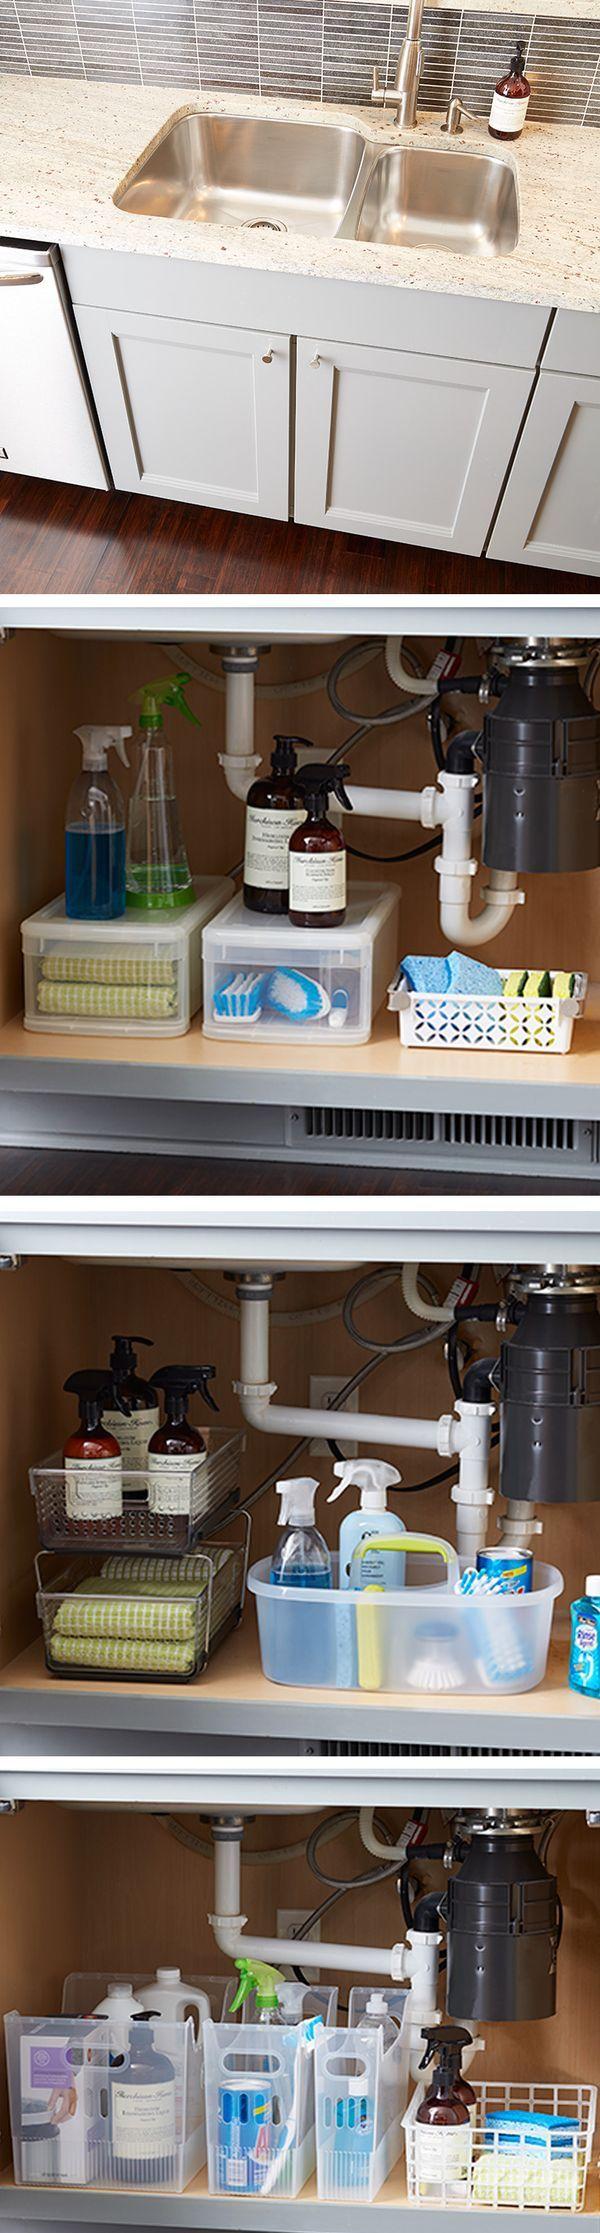 Bathroom storage under sink - Great Under Sink Expectations